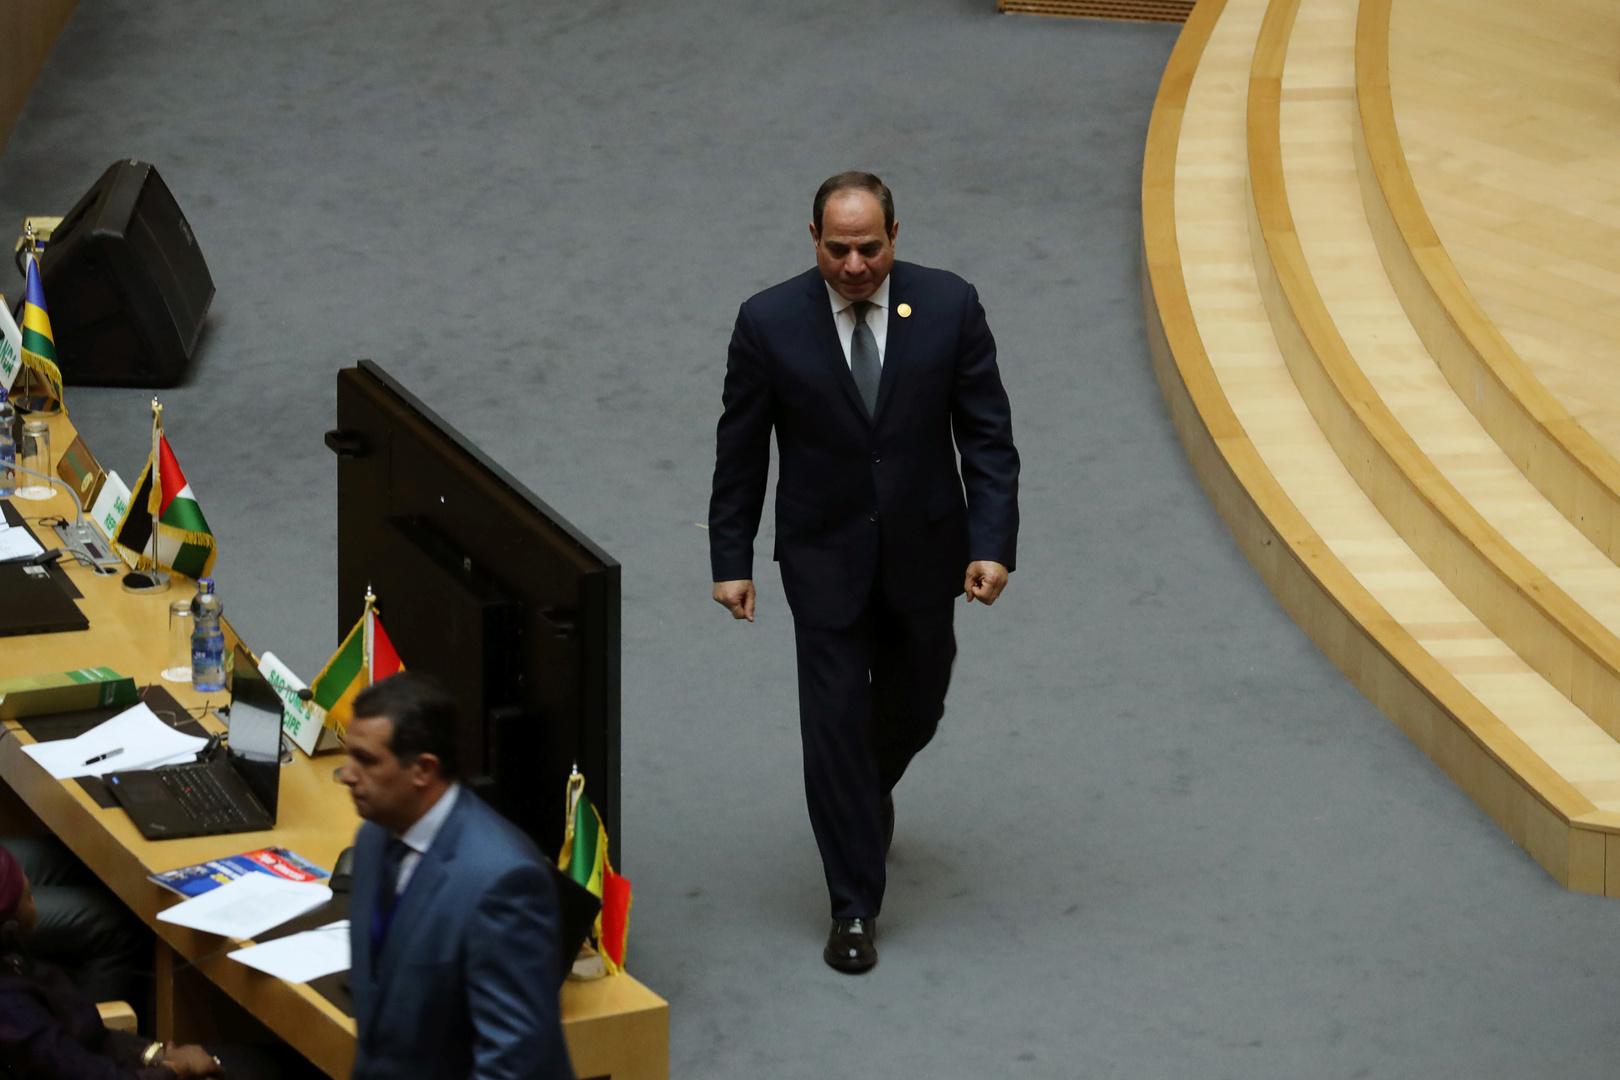 السيسي يطالب برد حاسم على بعض الدول